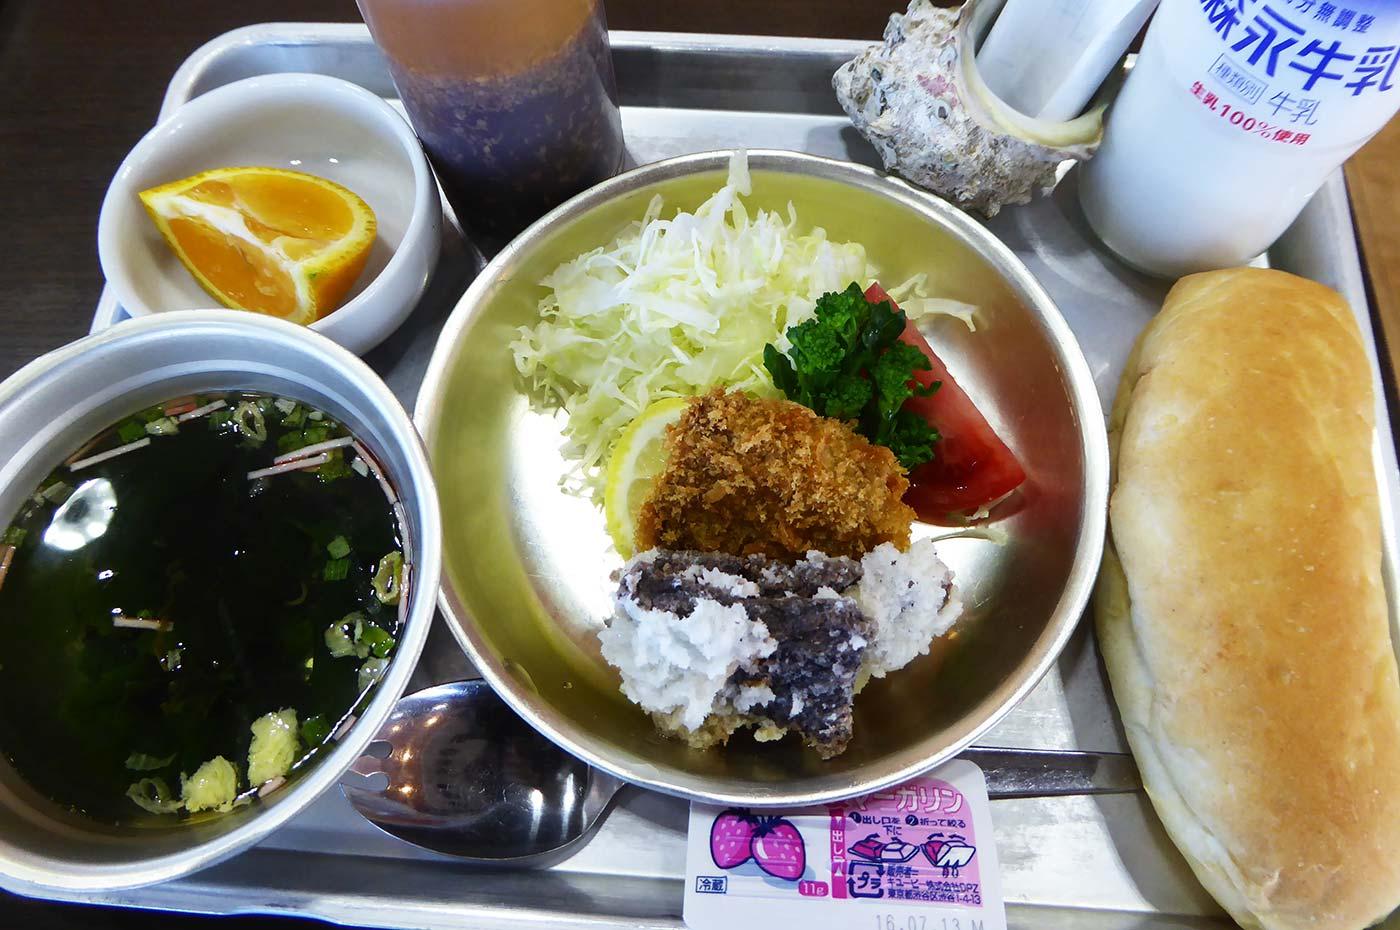 道の駅和田浦 WA・O!のクジラ給食の画像